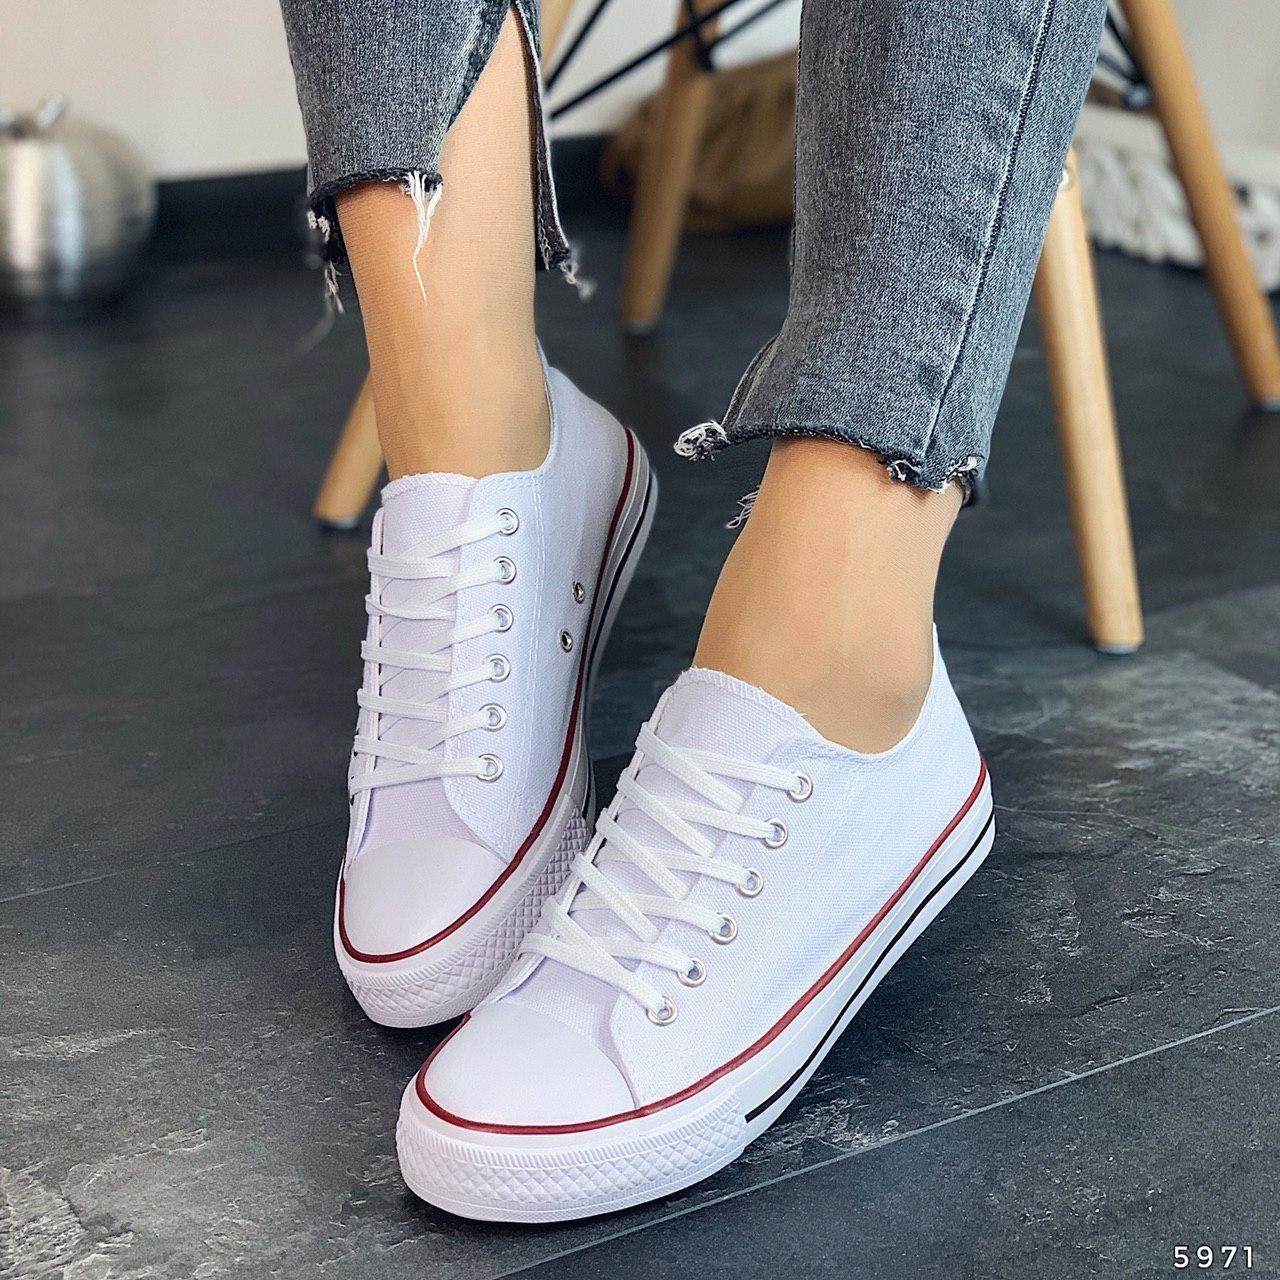 Кросівки жіночі білі. Кросівки жіночі з текстилю. Кеди жіночі. Мокасини жіночі. Кріпери